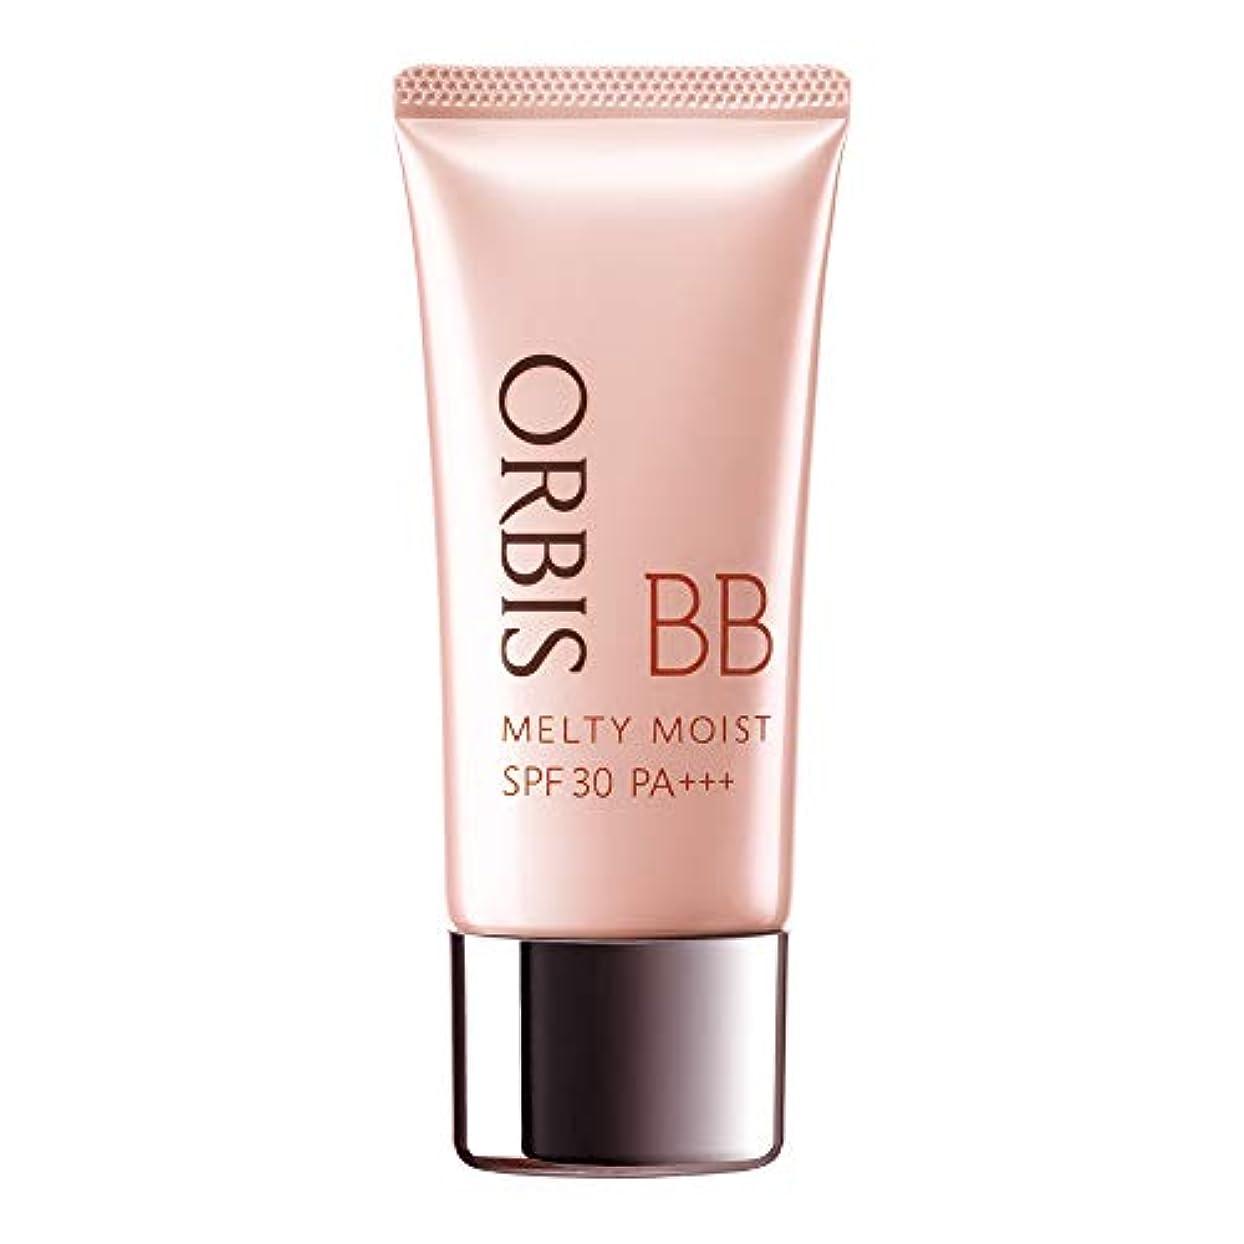 忘れられない有効化カウンターパートオルビス(ORBIS) メルティーモイスト BB ナチュラル 35g ◎BBクリーム◎